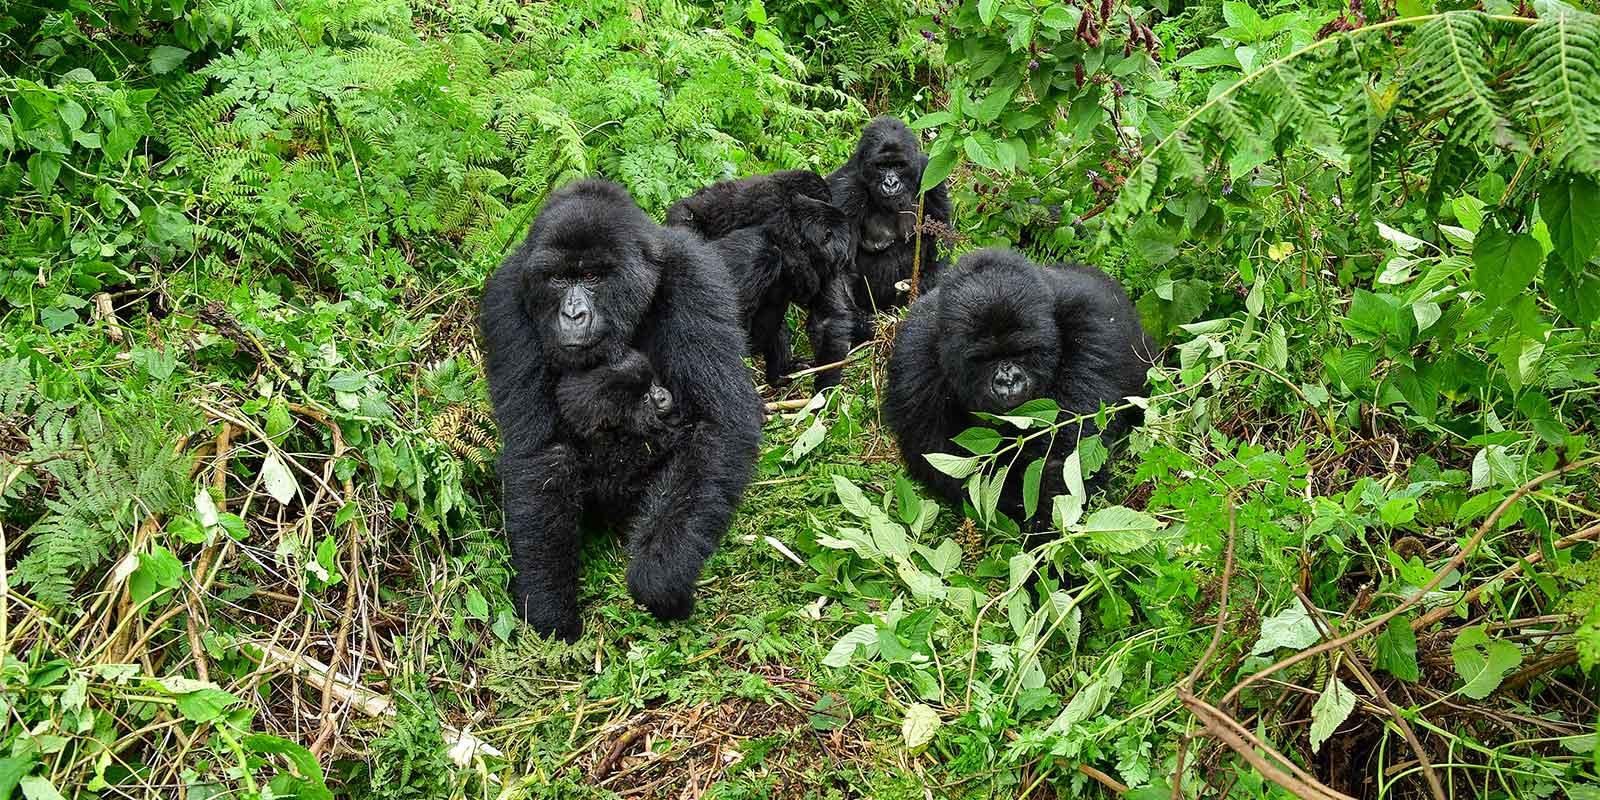 Group of mountain gorillas walking through Bwindi Impenetrable National Park in Uganda